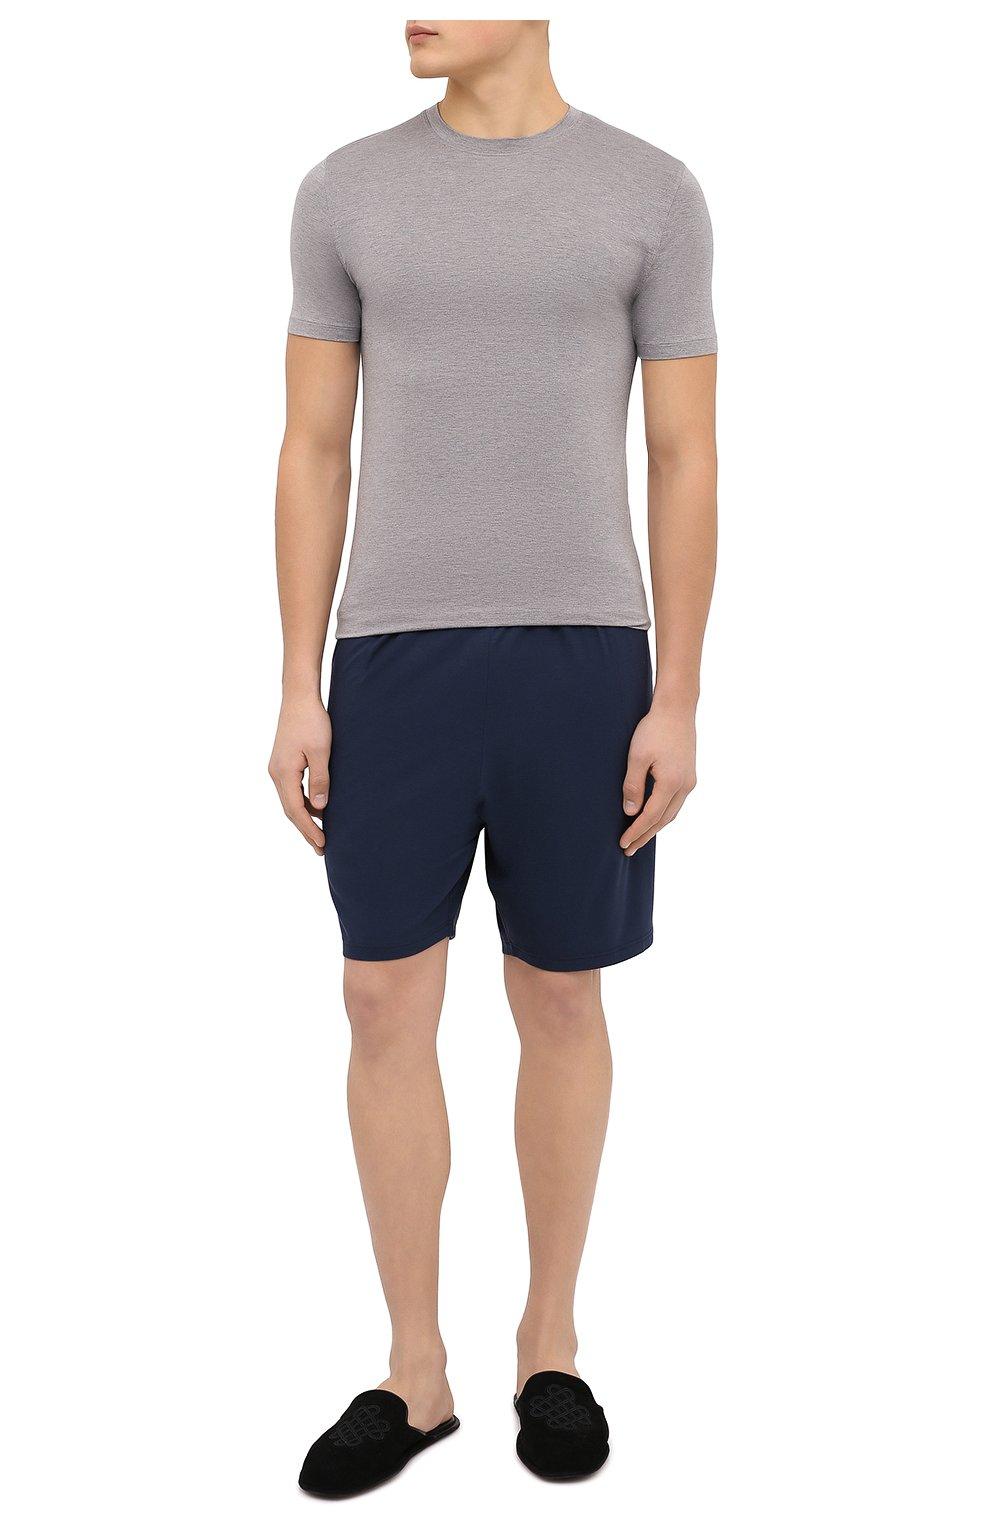 Мужские домашние шорты DEREK ROSE синего цвета, арт. 3559-BASE001 | Фото 2 (Кросс-КТ: домашняя одежда; Материал внешний: Синтетический материал)